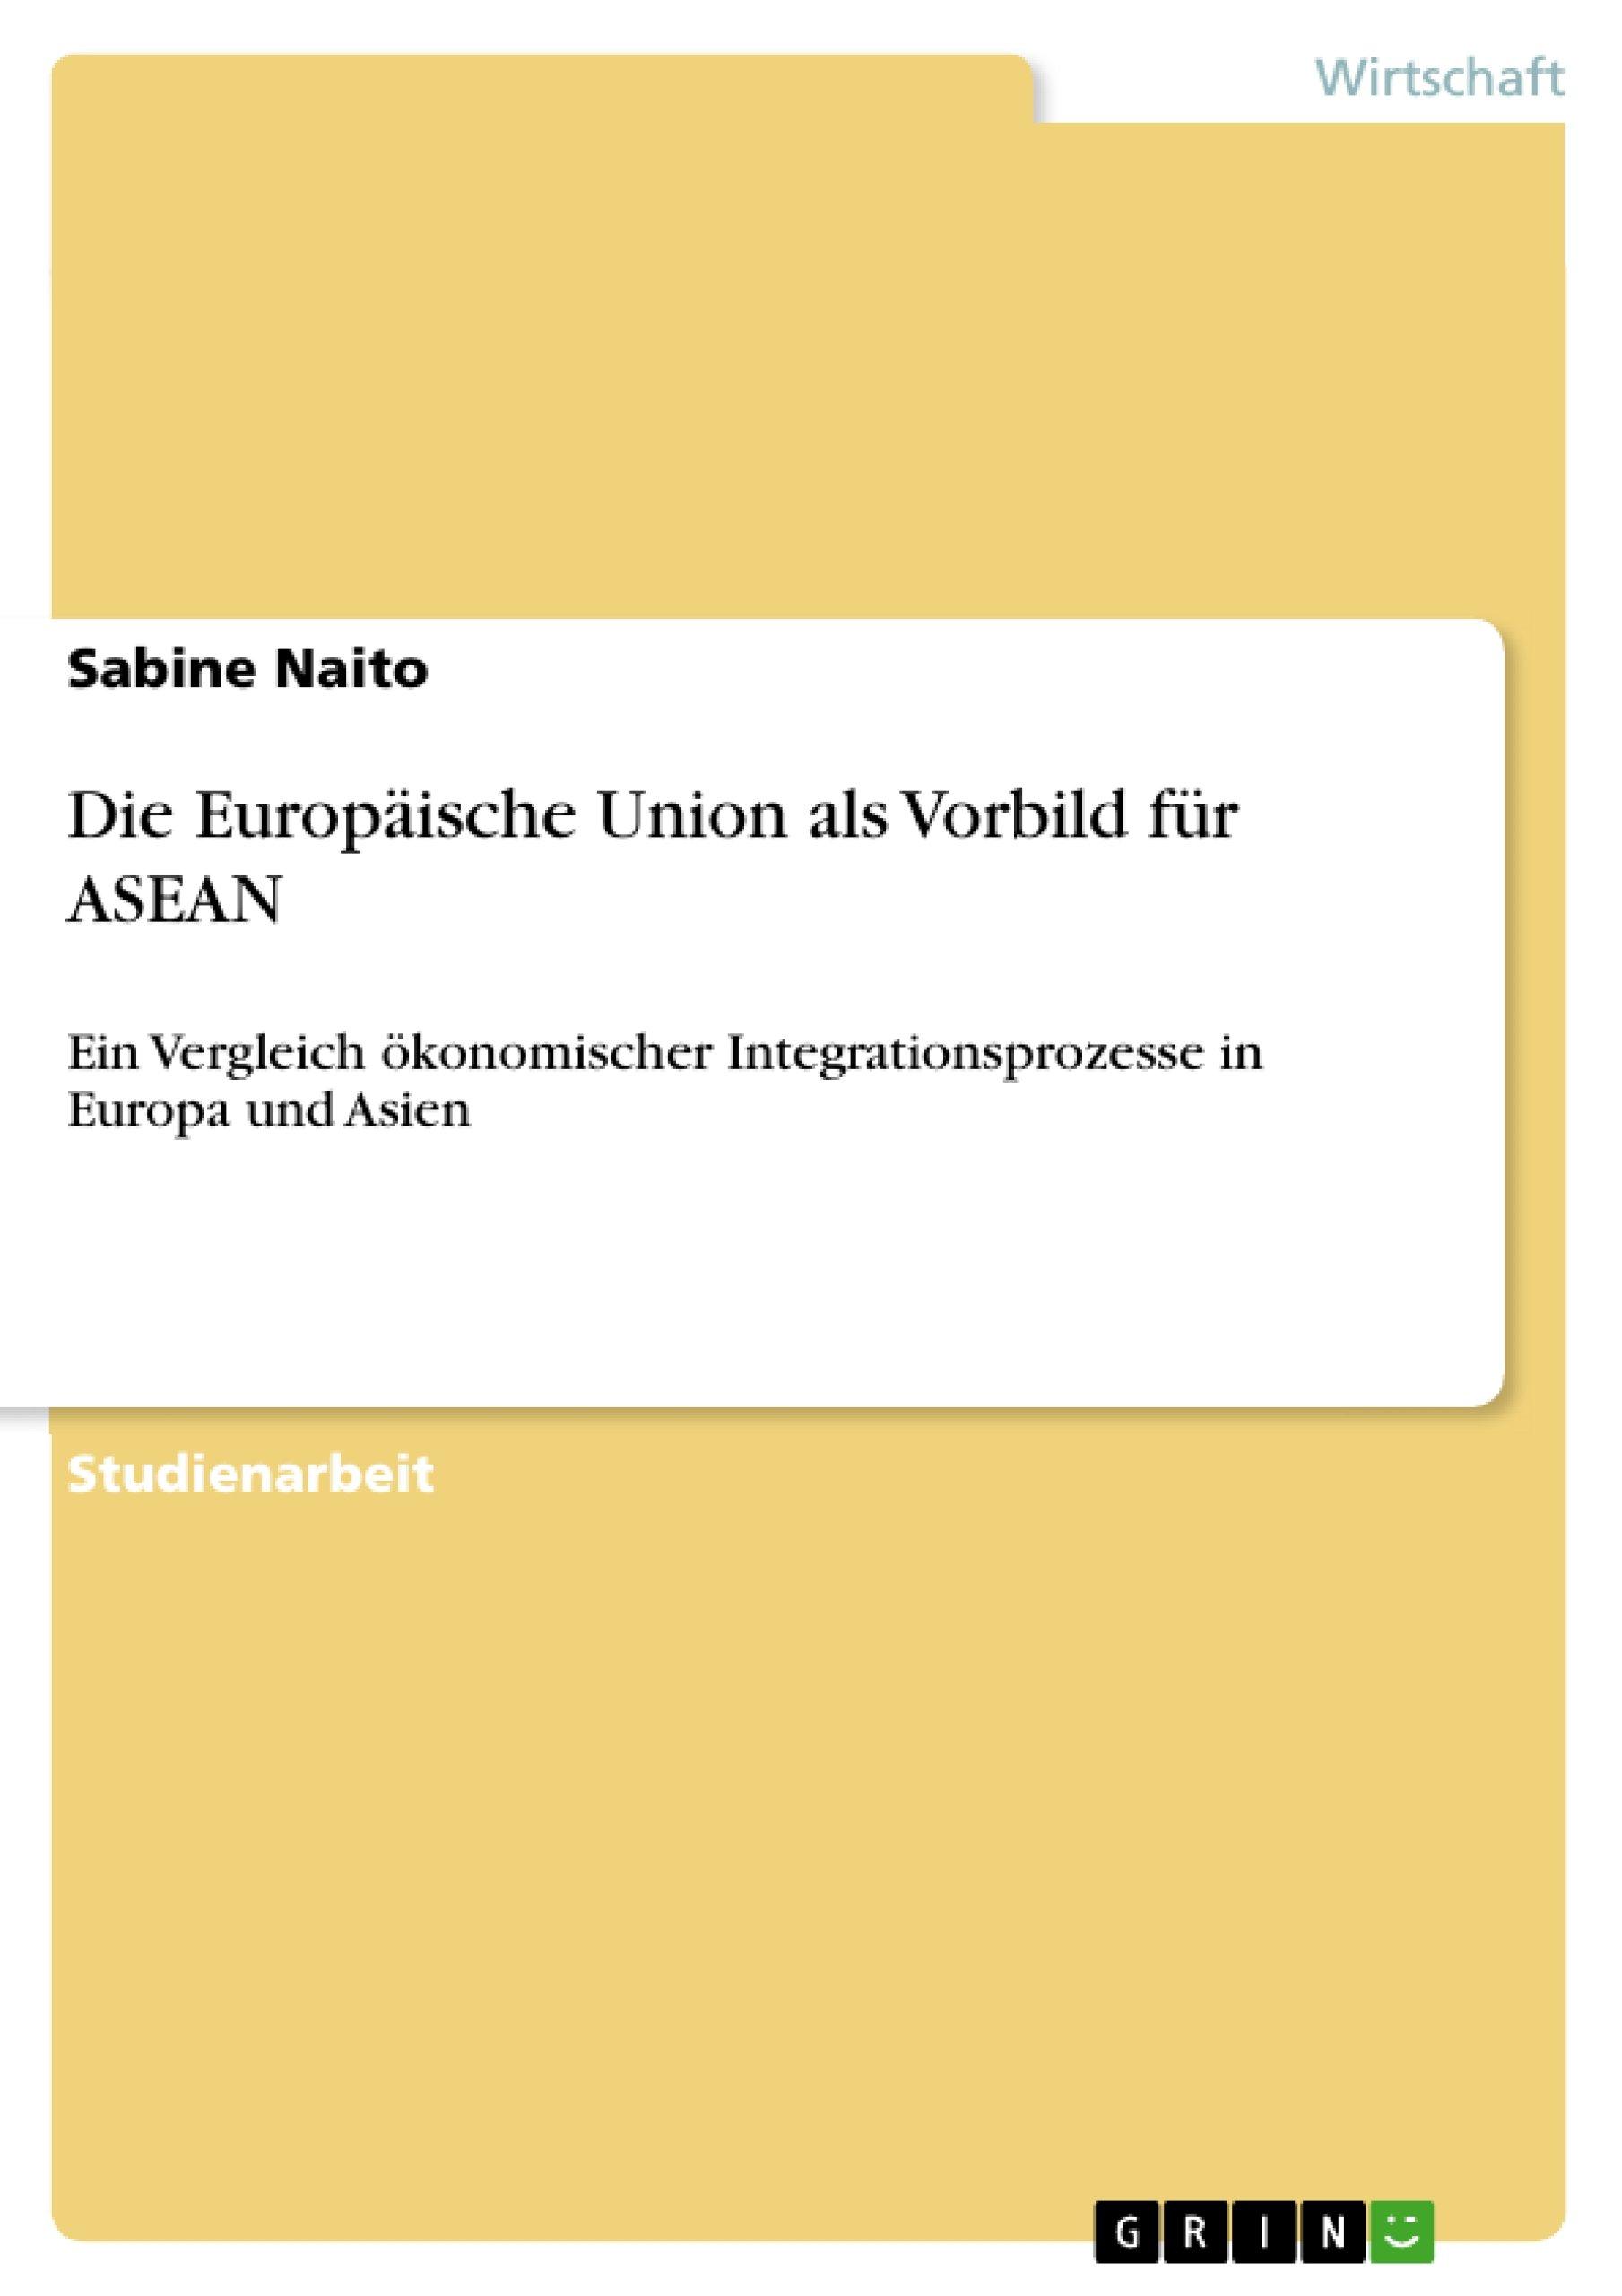 Die Europäische Union als Vorbild für ASEAN: Ein Vergleich ökonomischer Integrationsprozesse in Europa und Asien (German Edition)